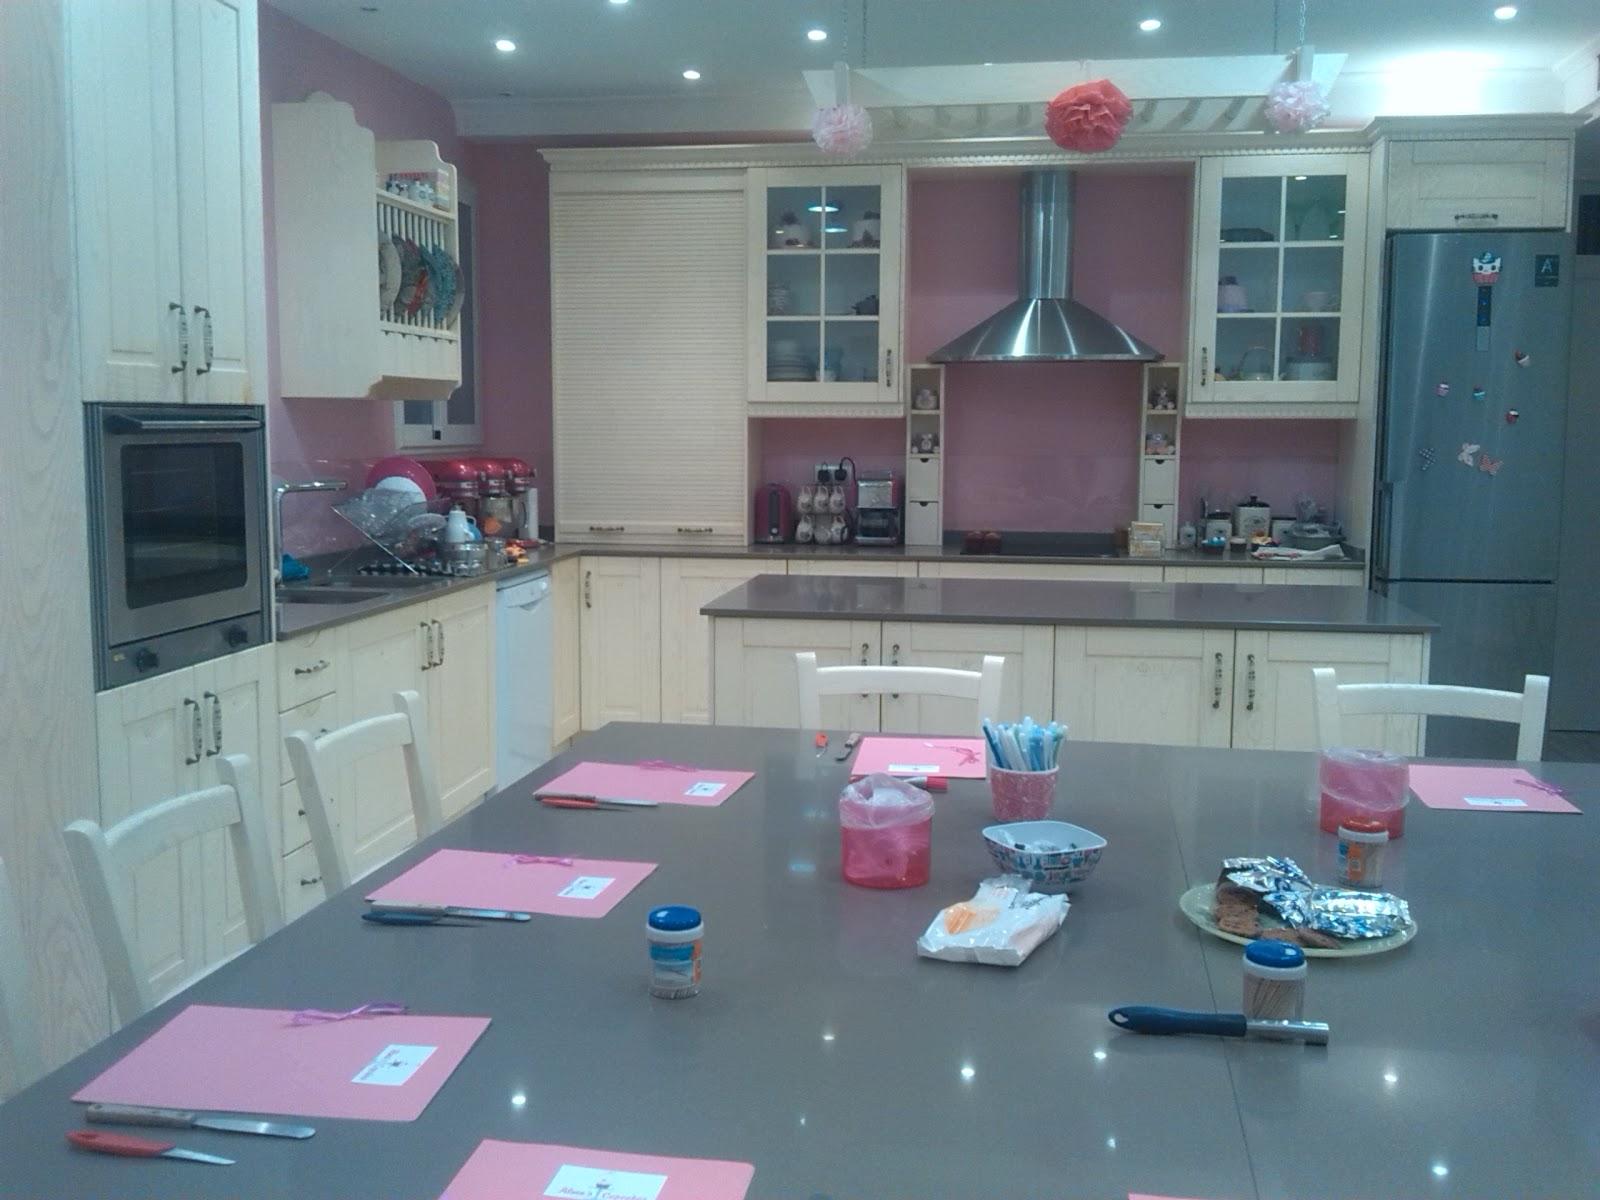 Cocinando con minis curso de cupcakes con flores con alma obregon de objetivo cupcake perfecto - Cocina con alma ...